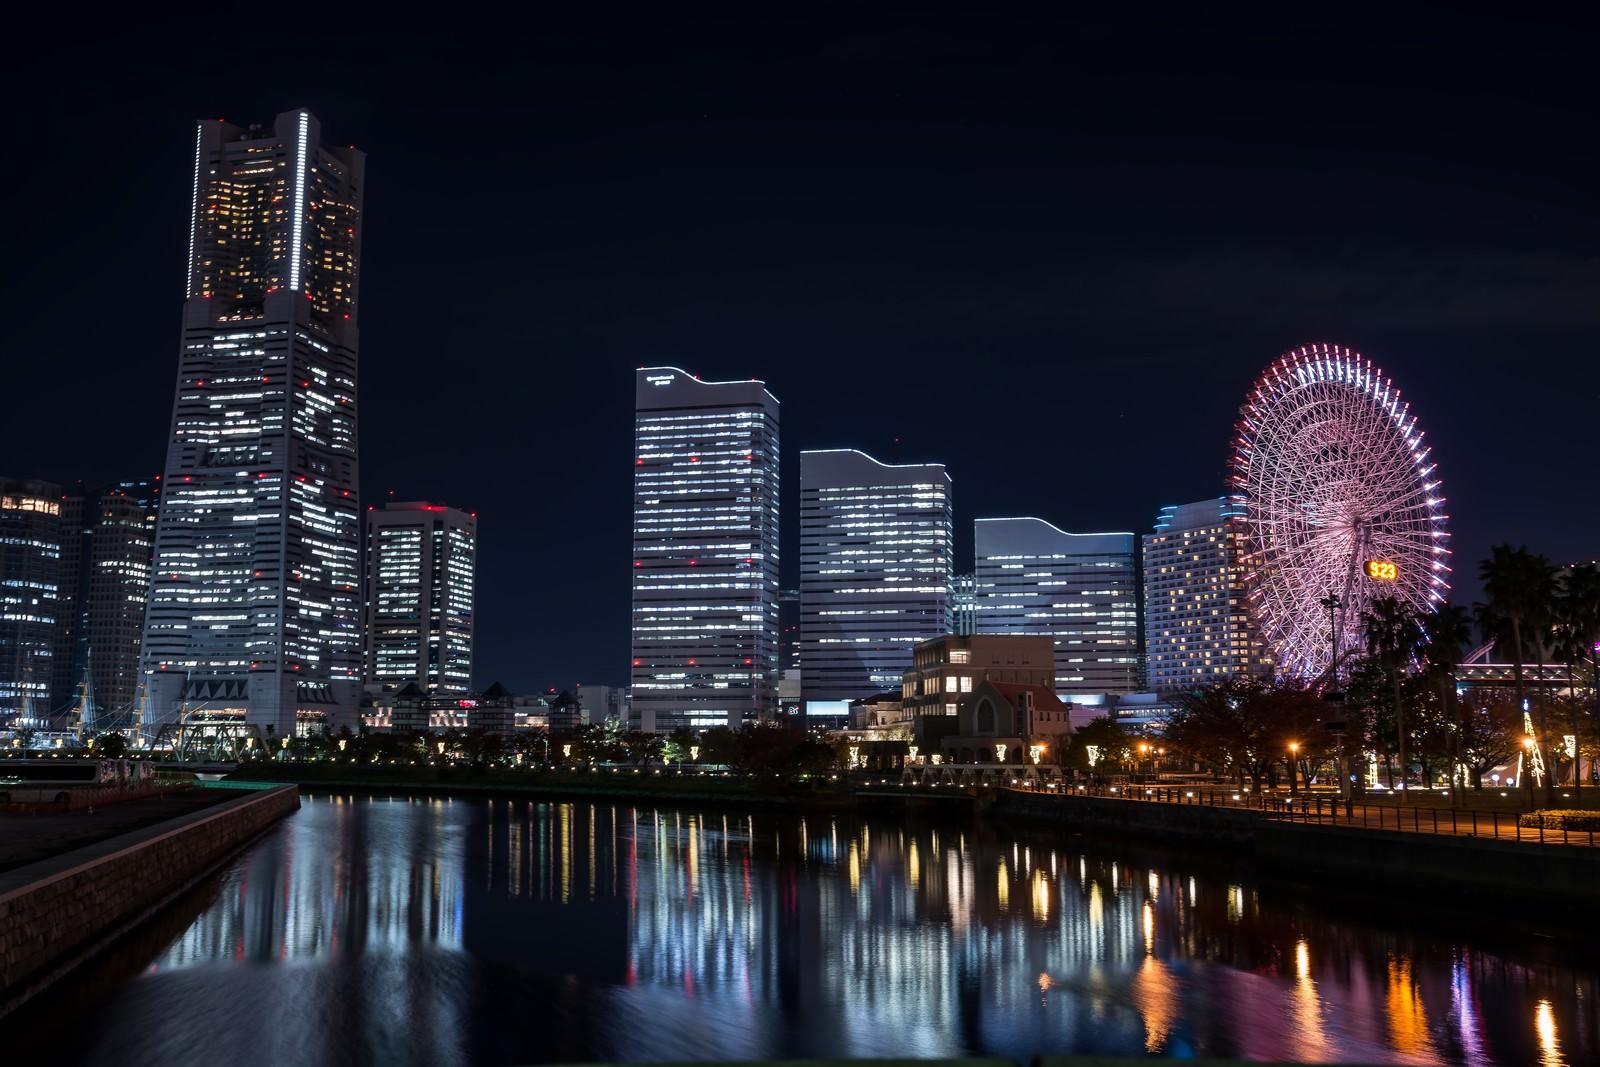 「万国橋からの夜景」の写真